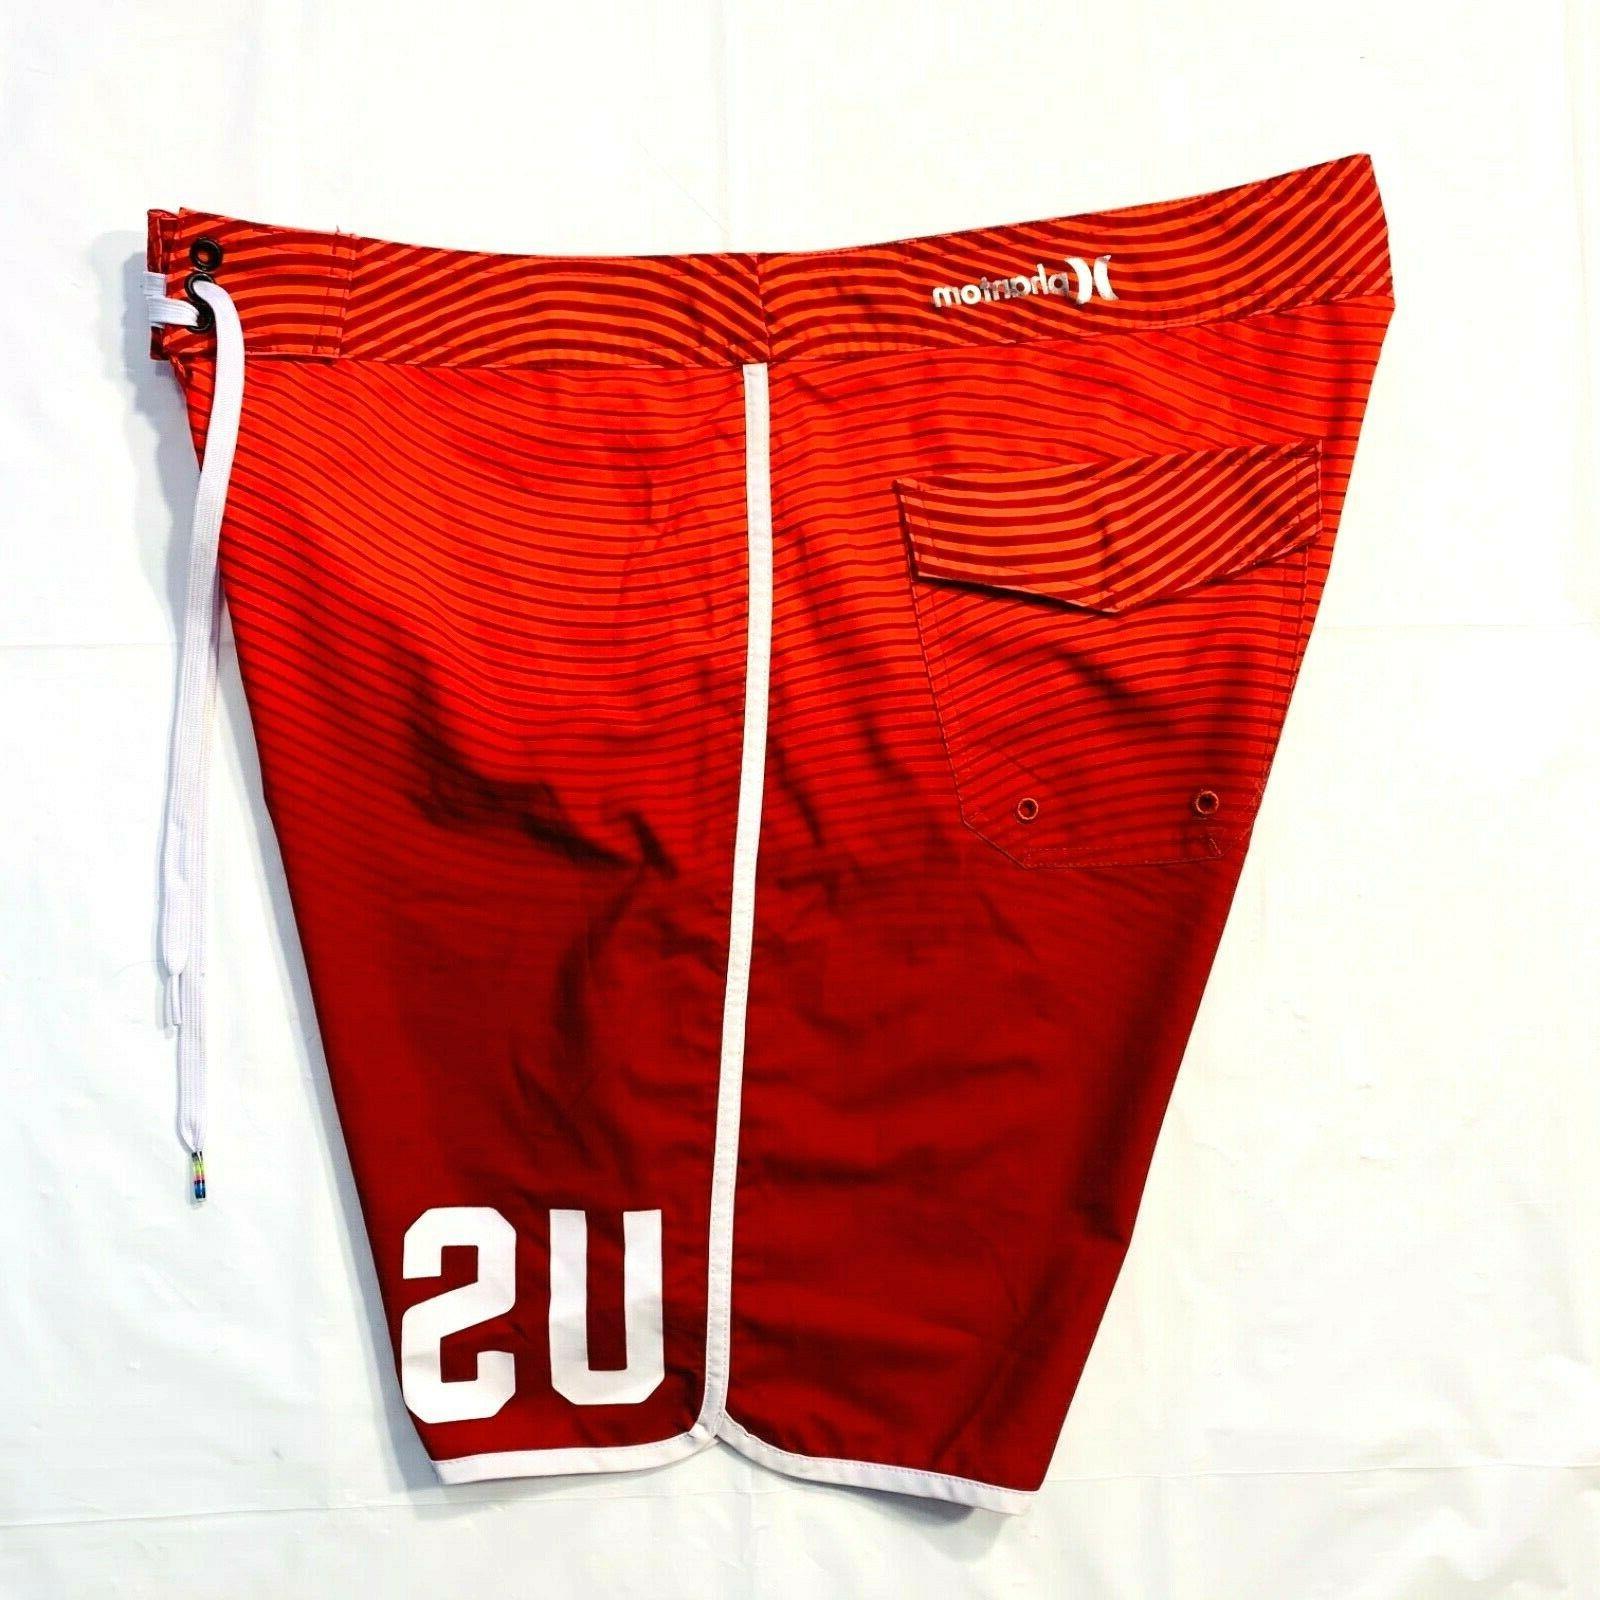 HURLEY Team Swim Trunks 36 Red